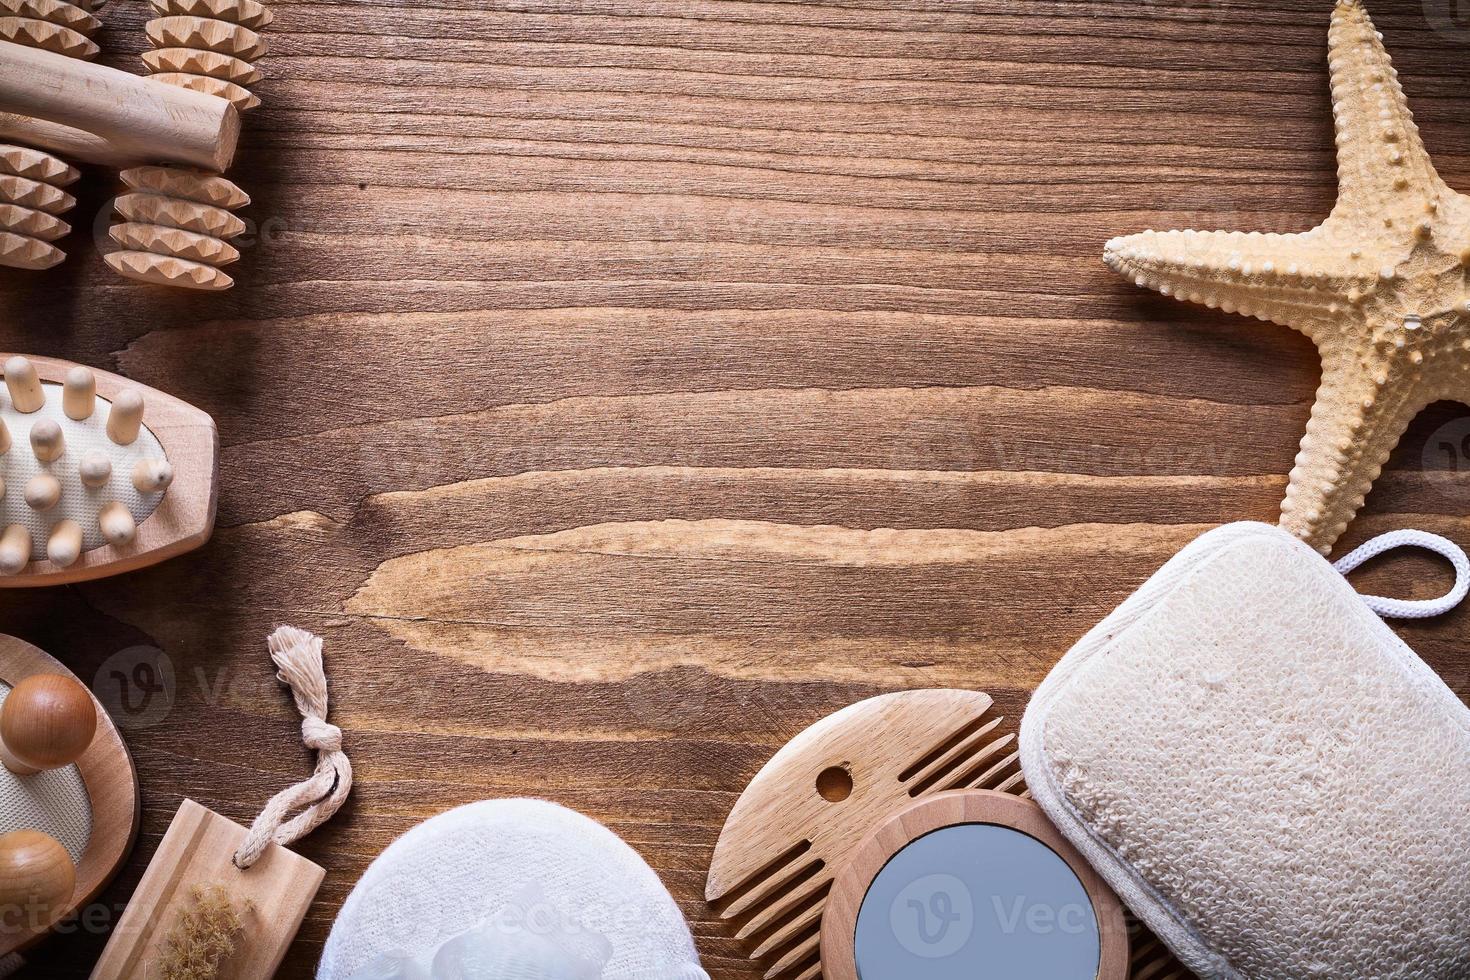 copyspace helthcare achtergrond sauna artikelen over vintage houten foto